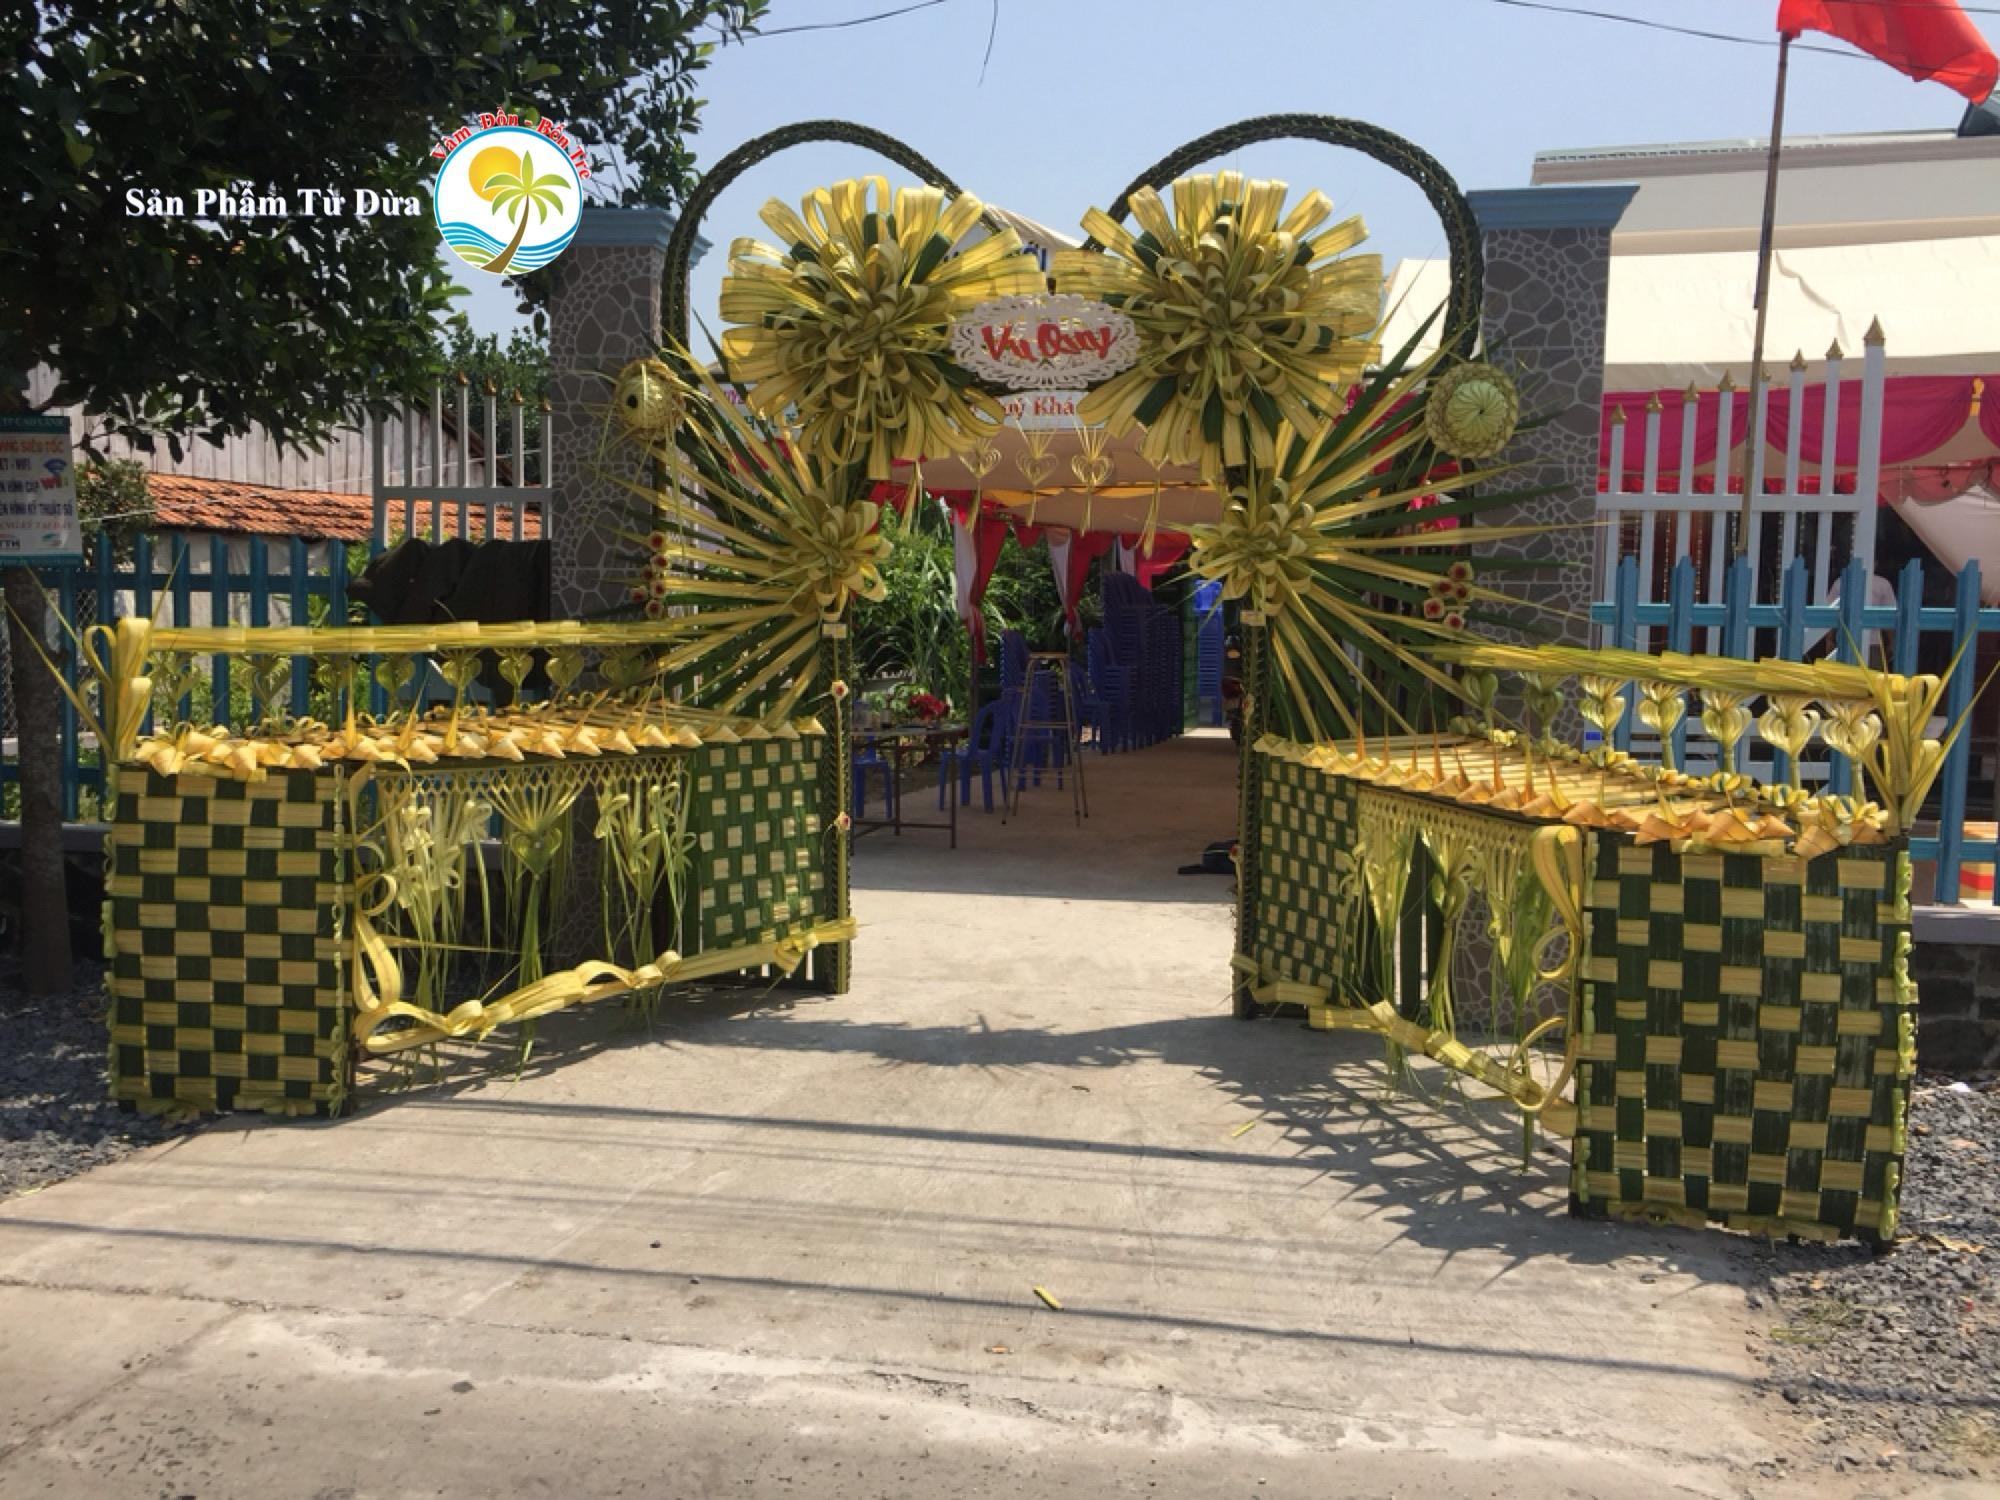 Hướng dẫn làm cổng cưới Miền Tây bằng lá dừa tại Đồng Tháp – Làm hoa hồng lớn